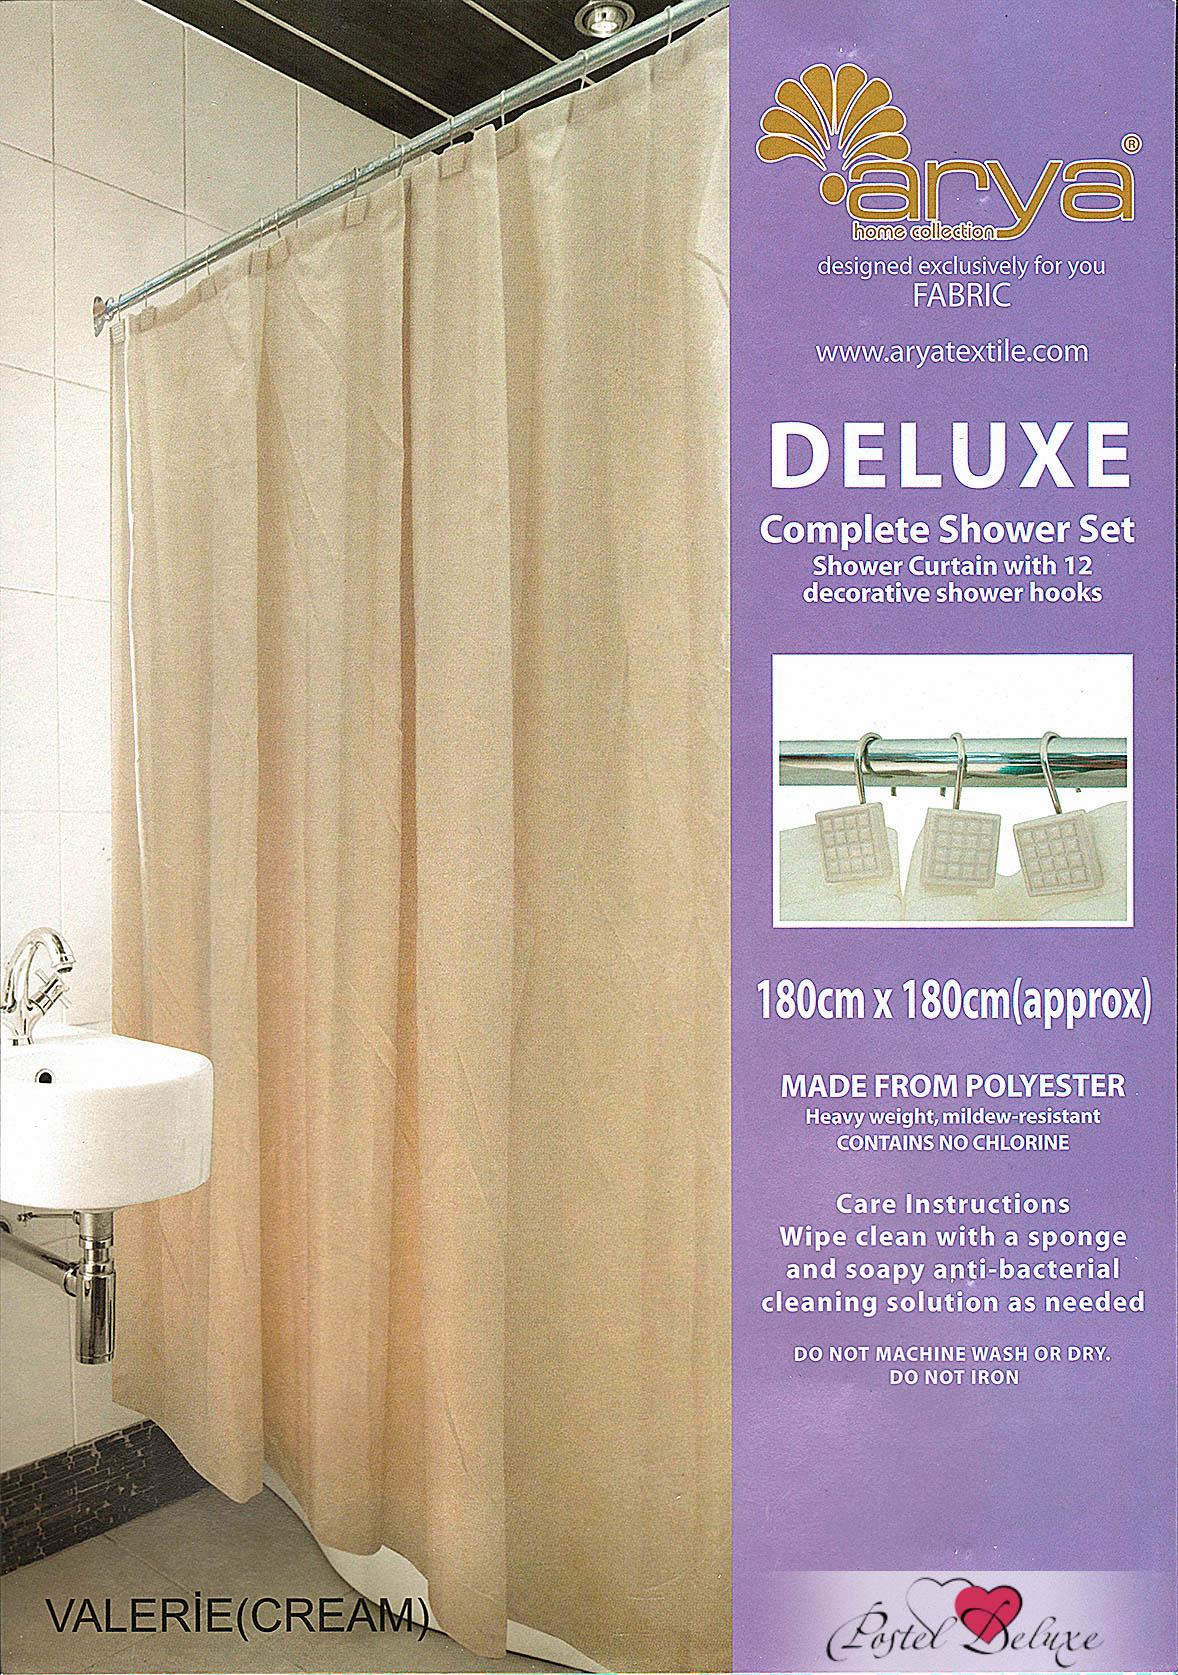 Шторы для ванной AryaПростыни без резинки<br>Производитель: Arya<br>Страна производства: Турция<br>Шторы для ванной<br>Состав: Полиэстер<br>Размер: 180х180 см<br>Вид крепления: Люверсы<br><br>Тип: шторы для ванной<br>Размерность комплекта: для ванной<br>Материал: Полиэстер<br>Размер наволочки: None<br>Подарочная упаковка: для ванной<br>Для детей: нет для ванной<br>Ткань: Полиэстер<br>Цвет: Кремовый